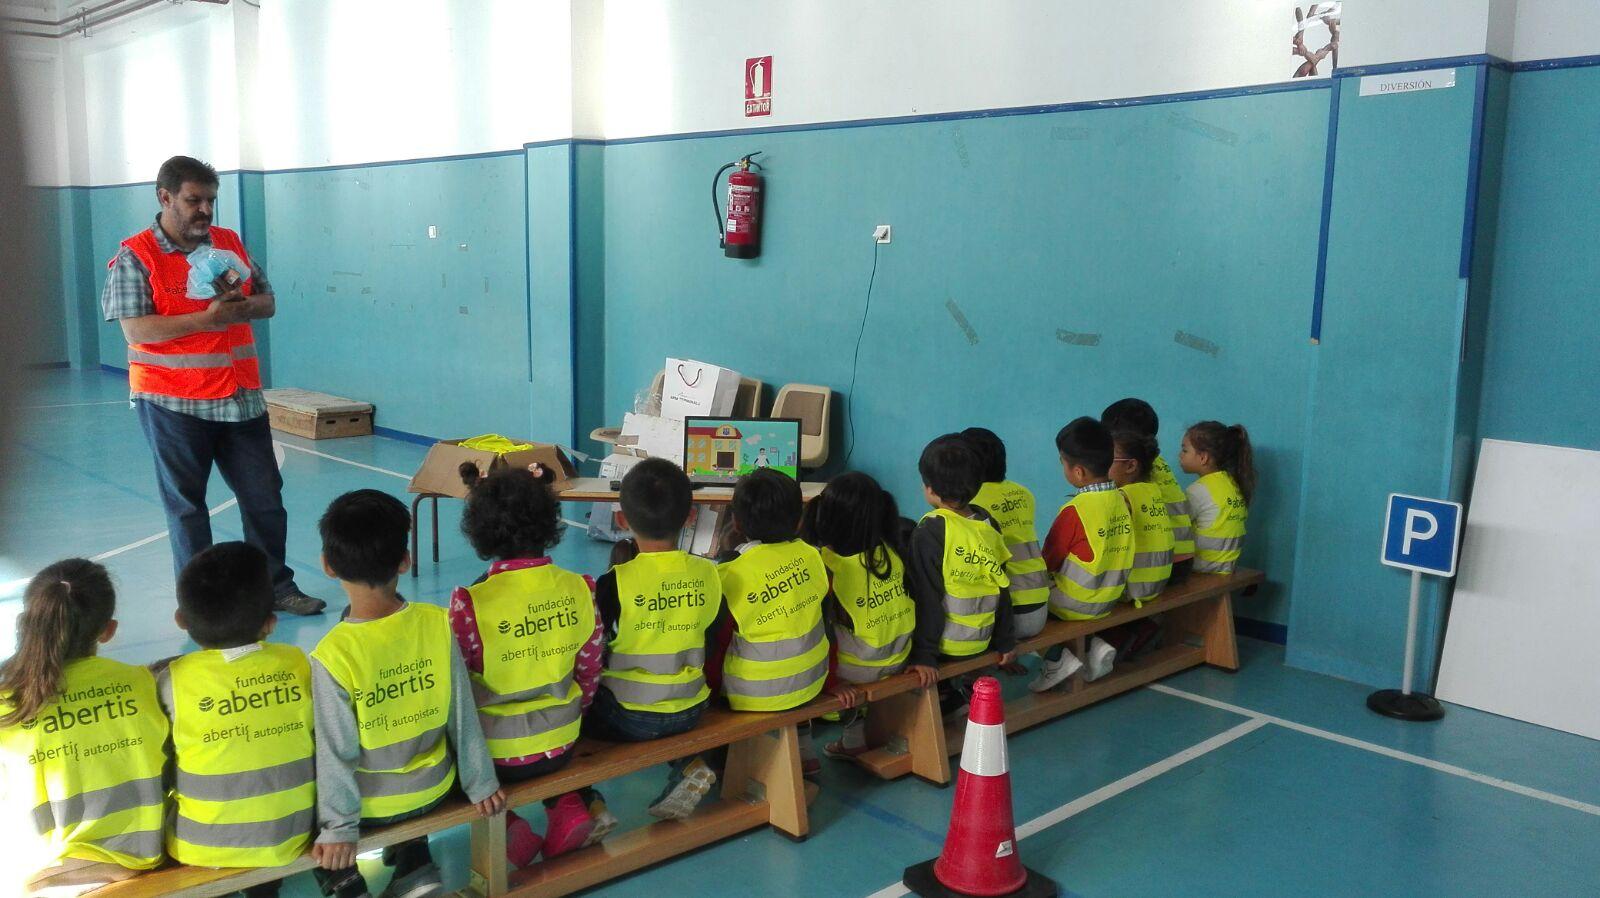 Educación Vial Infantil - Fundtrafic - Visión cero accidentes